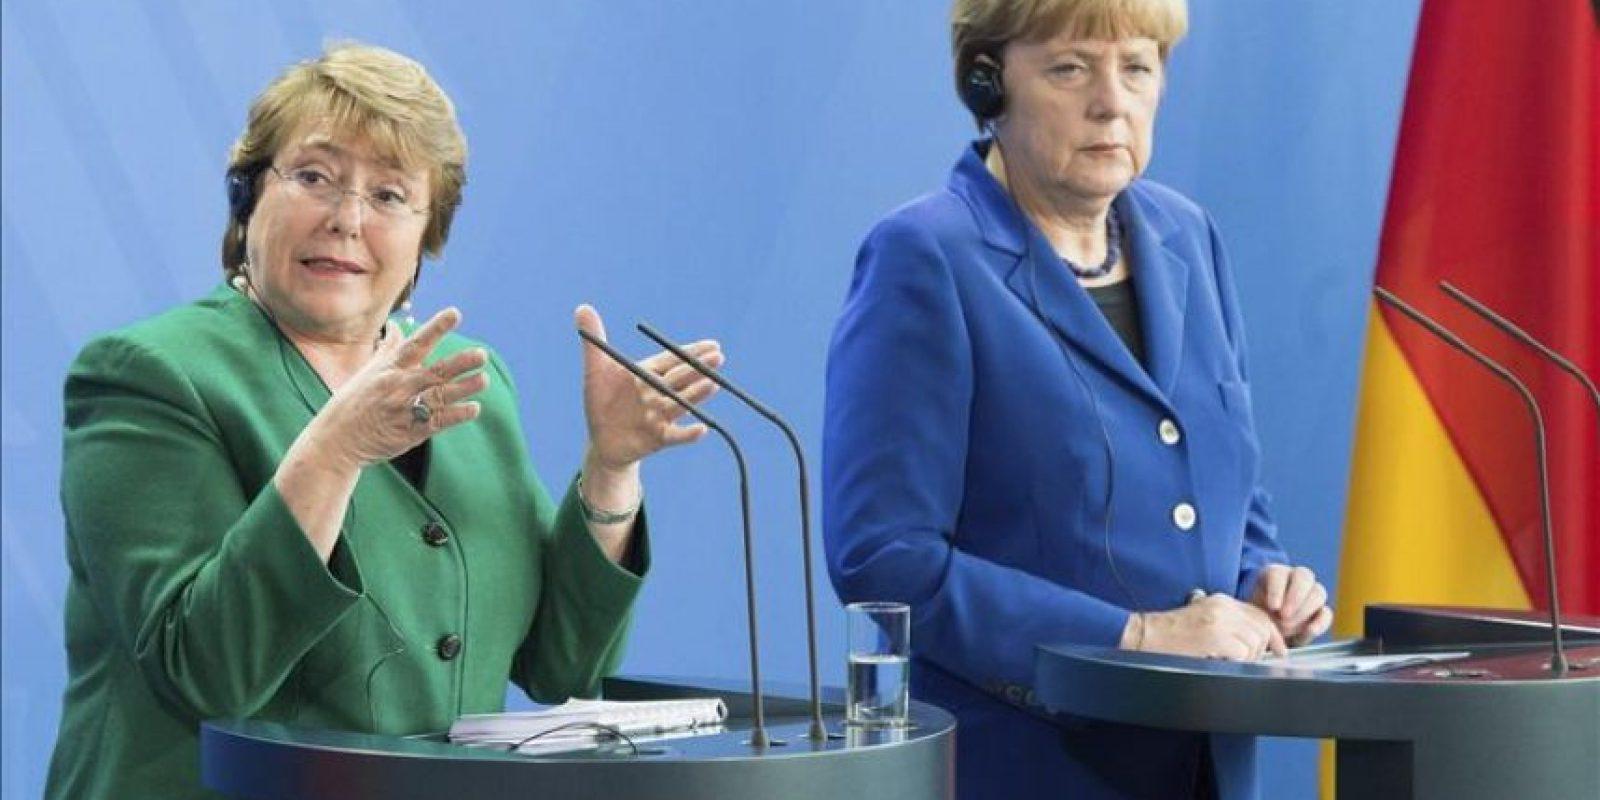 La presidenta chilena, Michelle Bachelet (i), responde durante una rueda de prensa conjunta con la canciller alemana, Angela Merkel (d), en Berlín (Alemania), el 27 de octubre de 2014. EFE